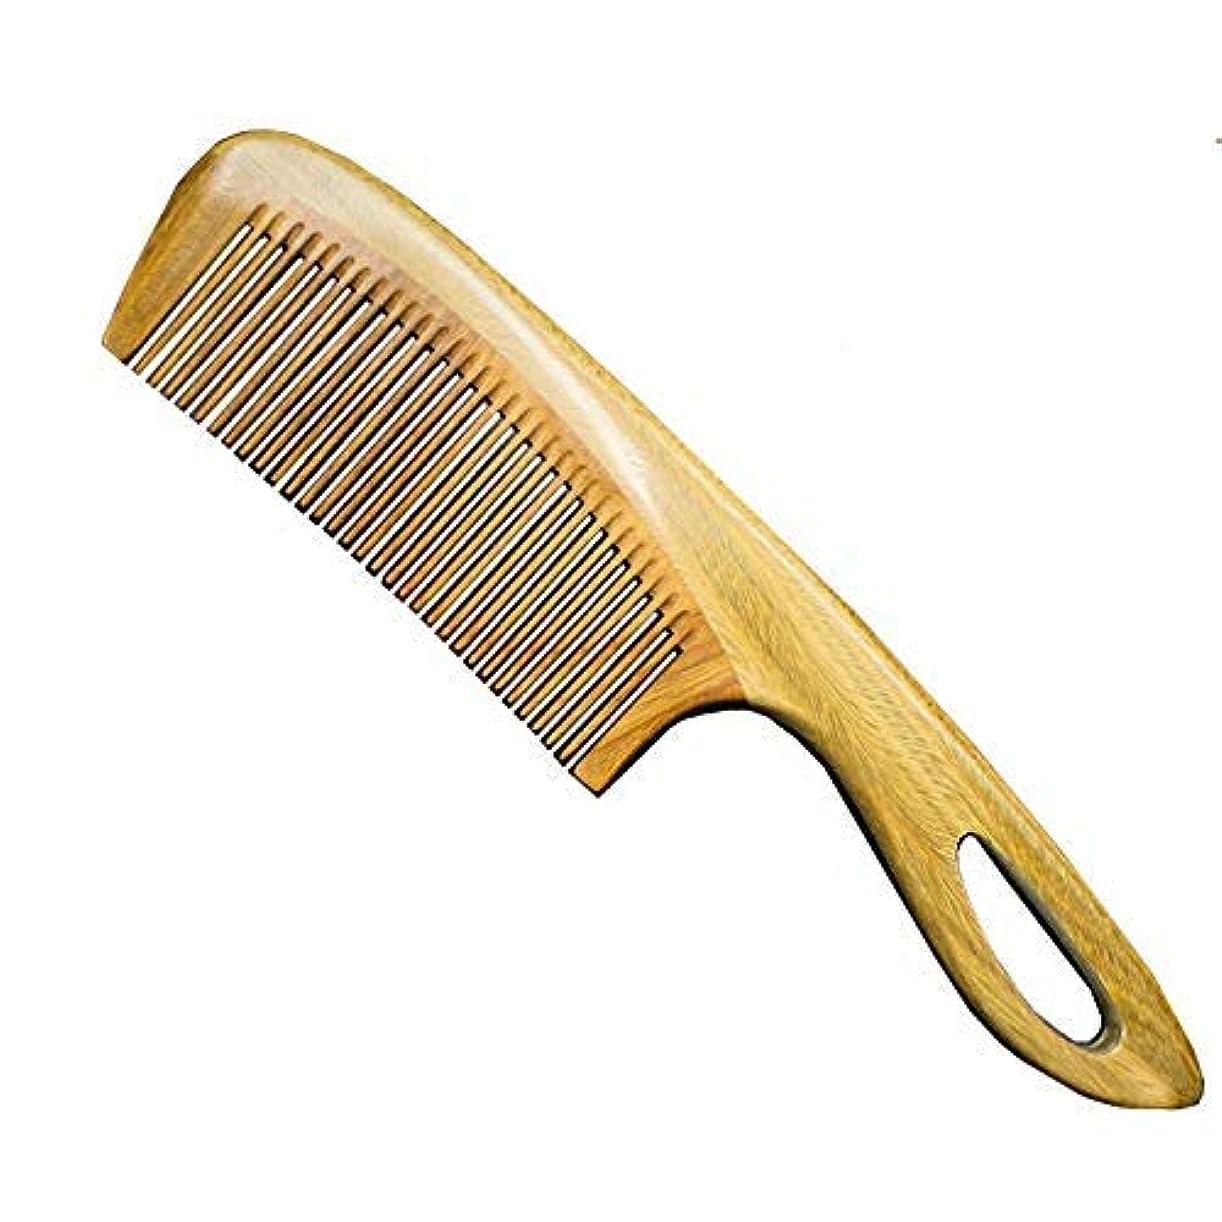 ゆりかご達成パンサーNatural Sandalwood Wood Comb - No Static Fine Tooth Hair Comb - Natural Aroma, Handmade, Massage Head, Hair Care...